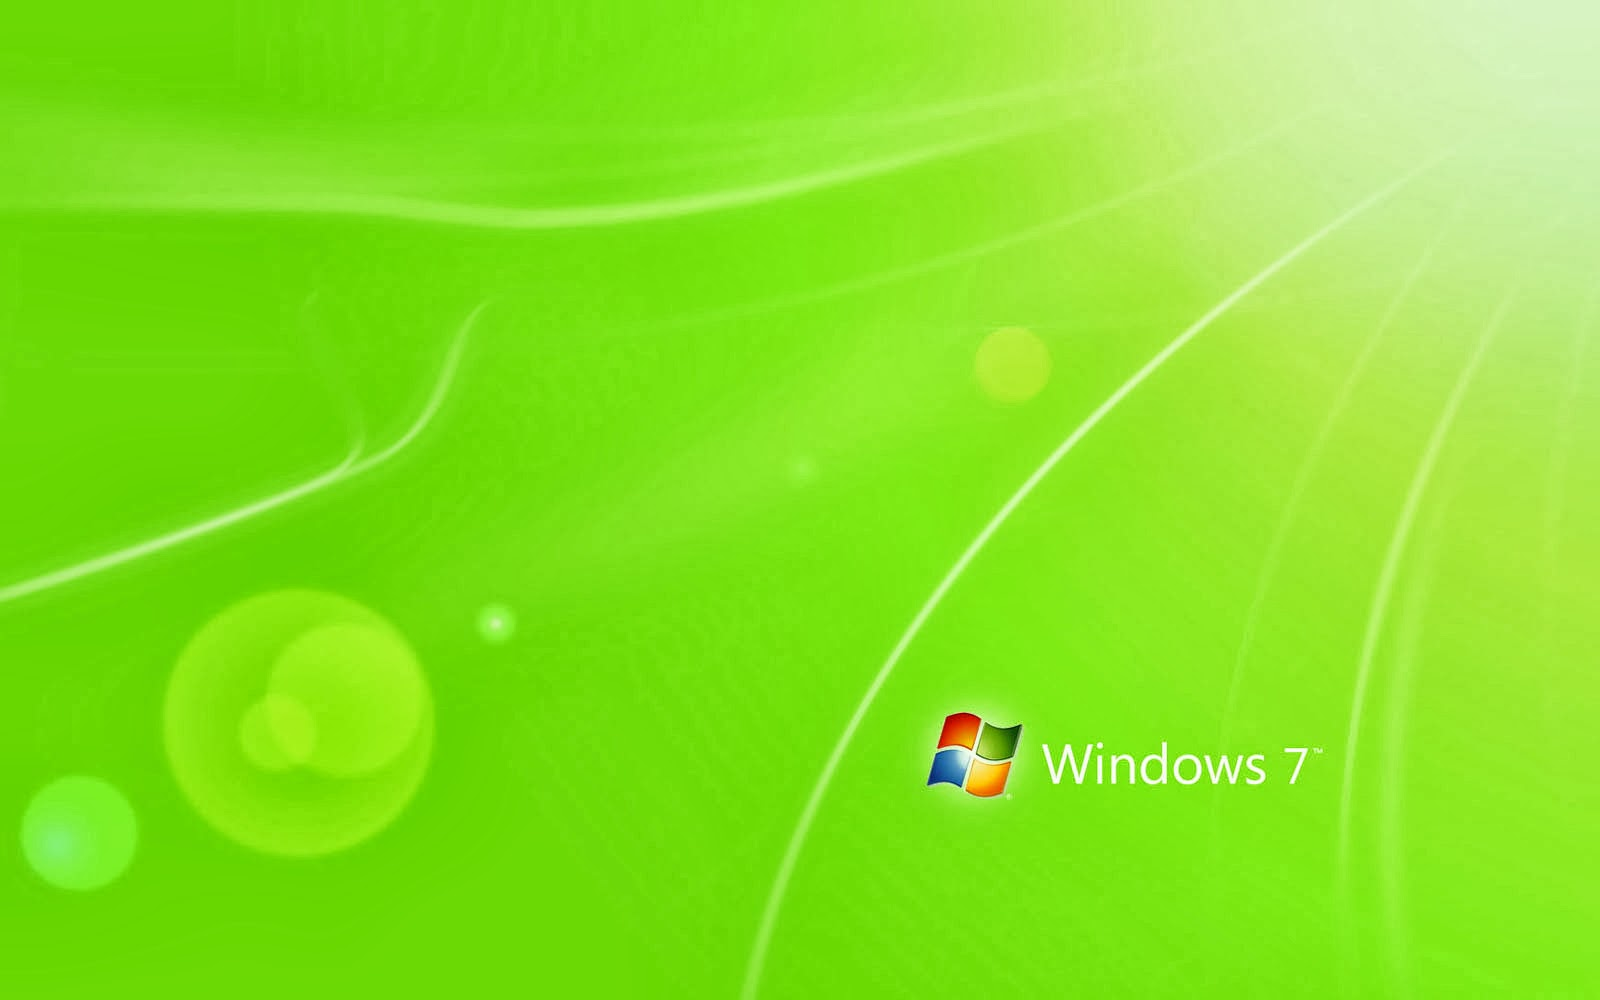 Wallpapers Windows 7 Desktop Wallpapers